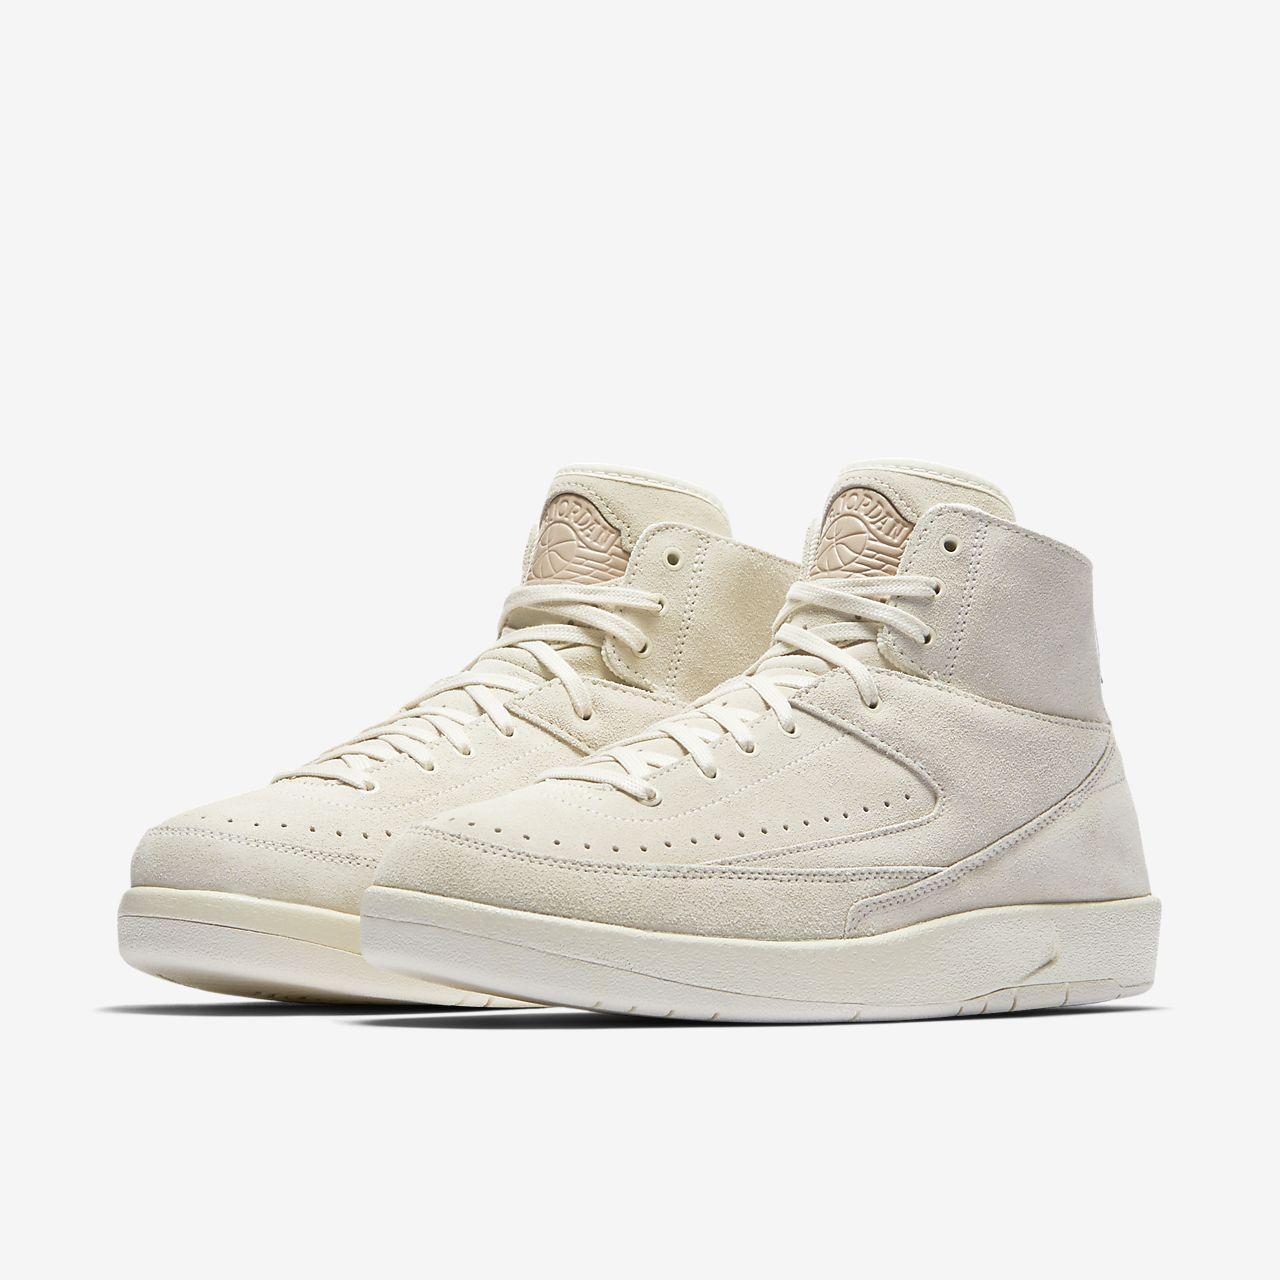 best website b773d 8a93c ... Air Jordan 2 Retro Decon Men s Shoe